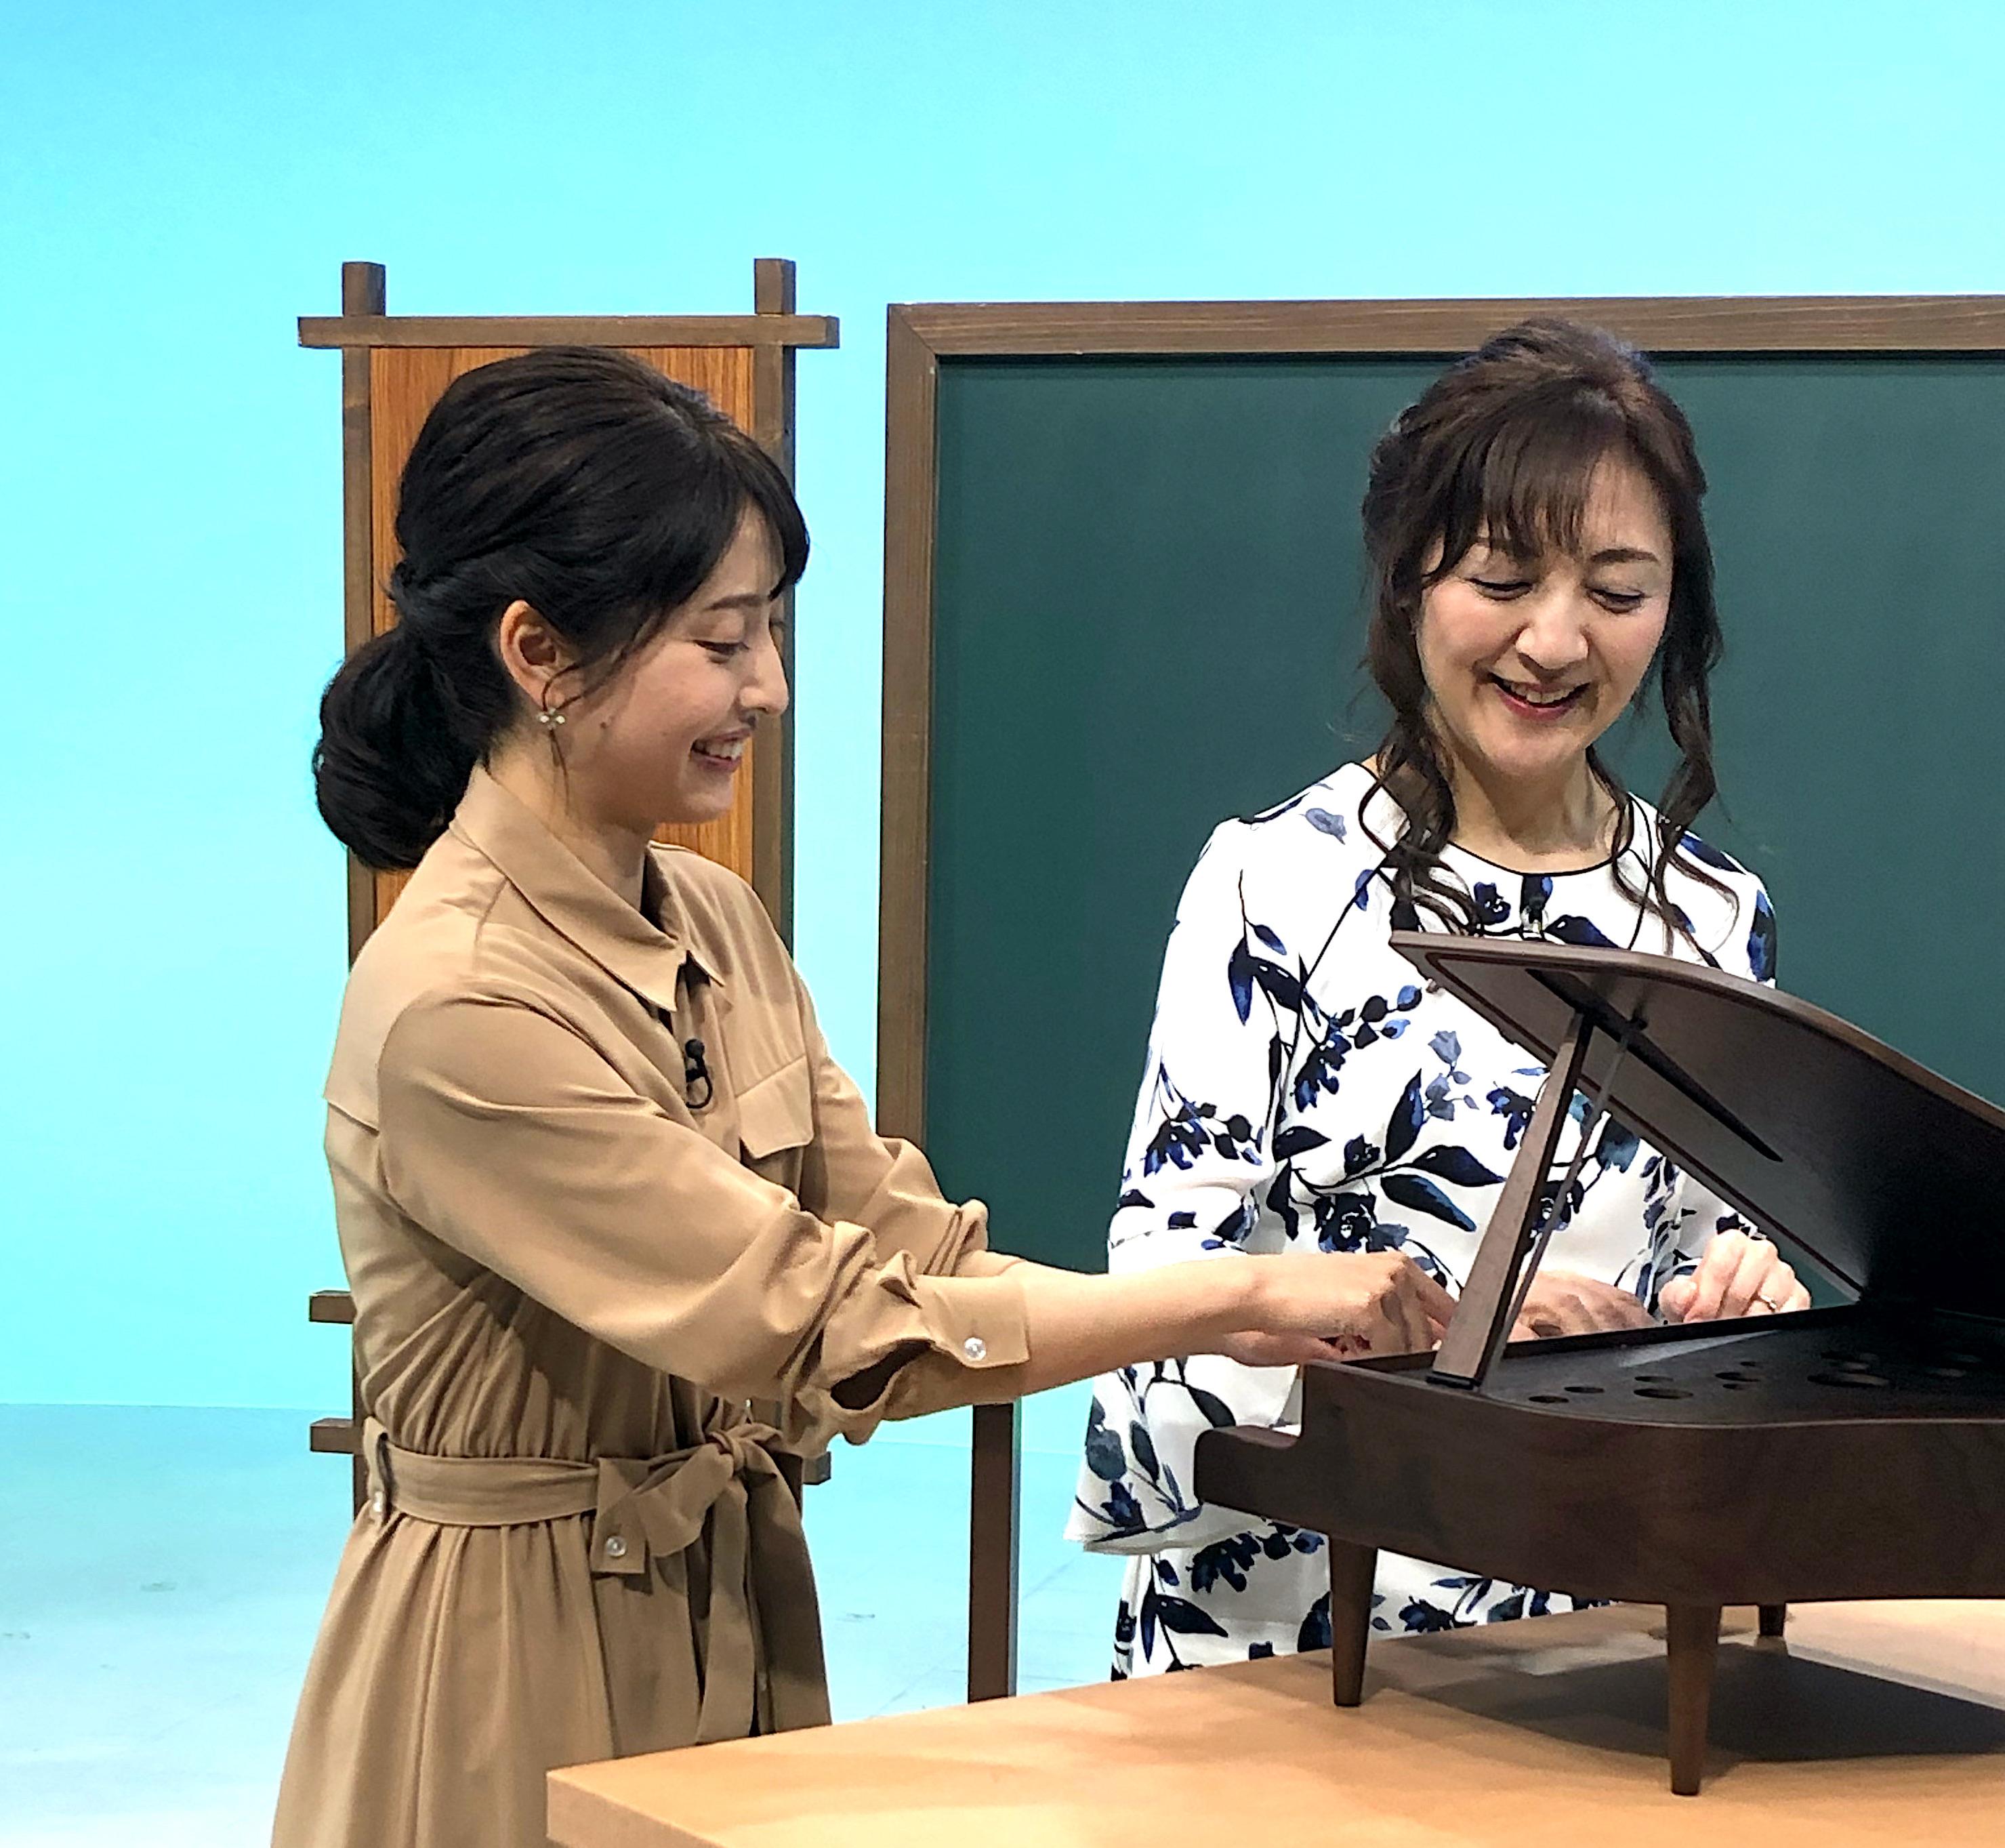 長野放送 早朝5:30~ 樹原涼子出演「テレビ寺子屋」第1回 センスの磨き方